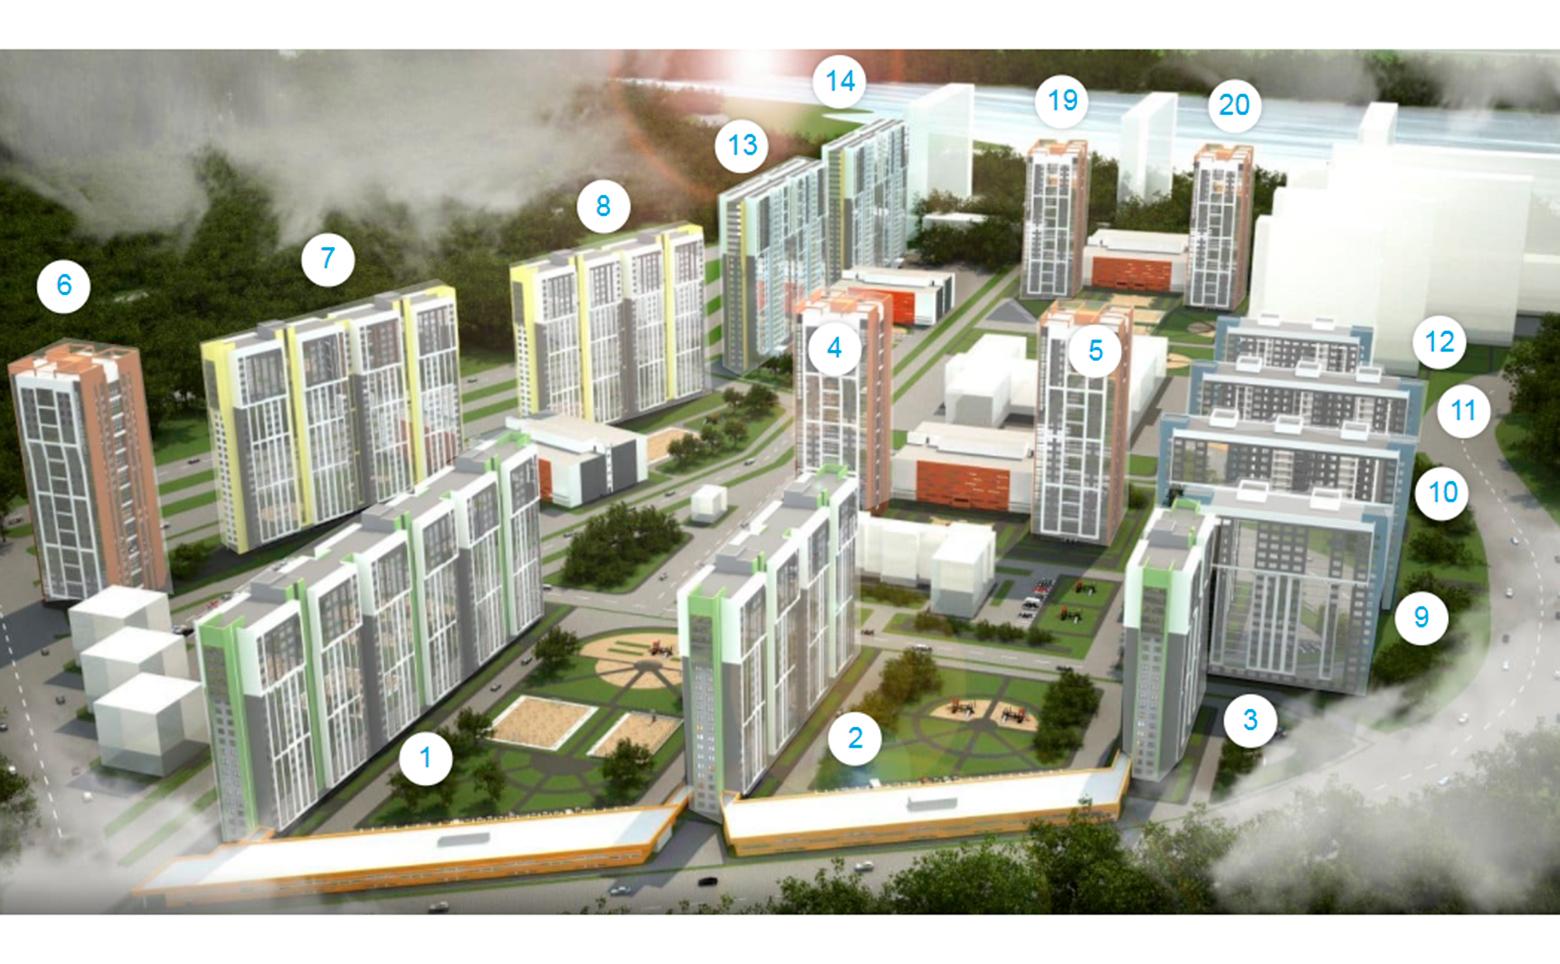 План жилого комплекса ЖК Шуваловский